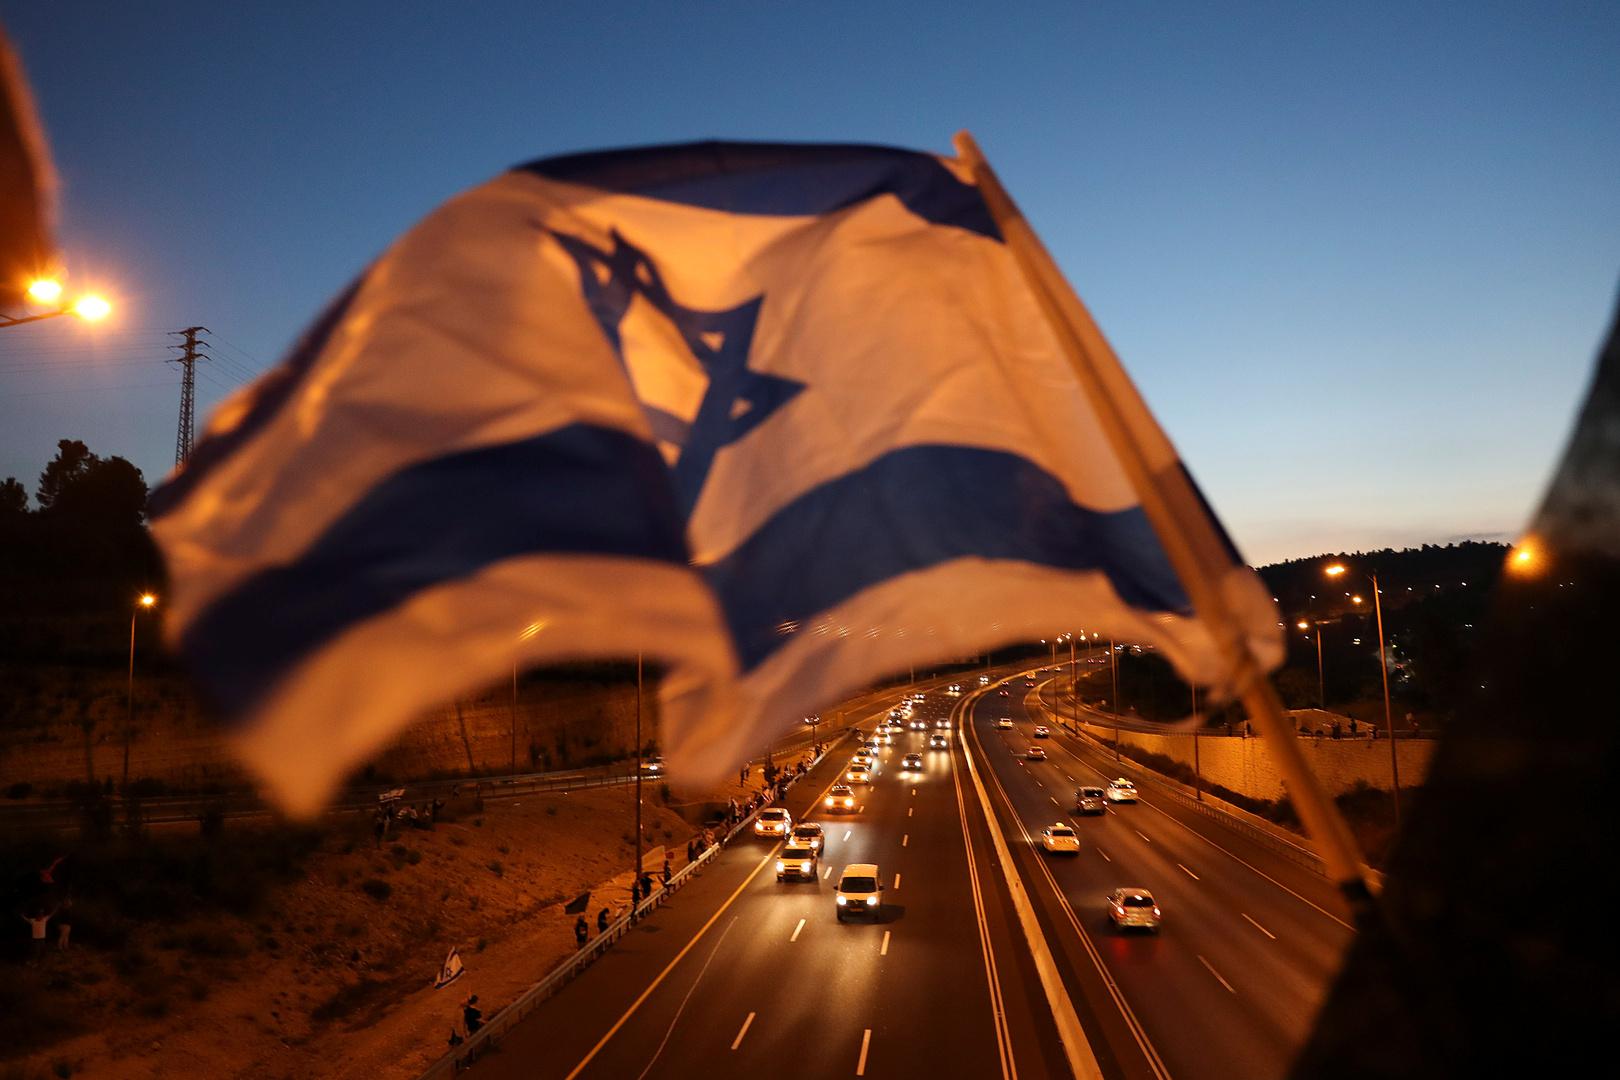 إسرائيل تعين رئيسا جديدا لجهاز الأمن العام